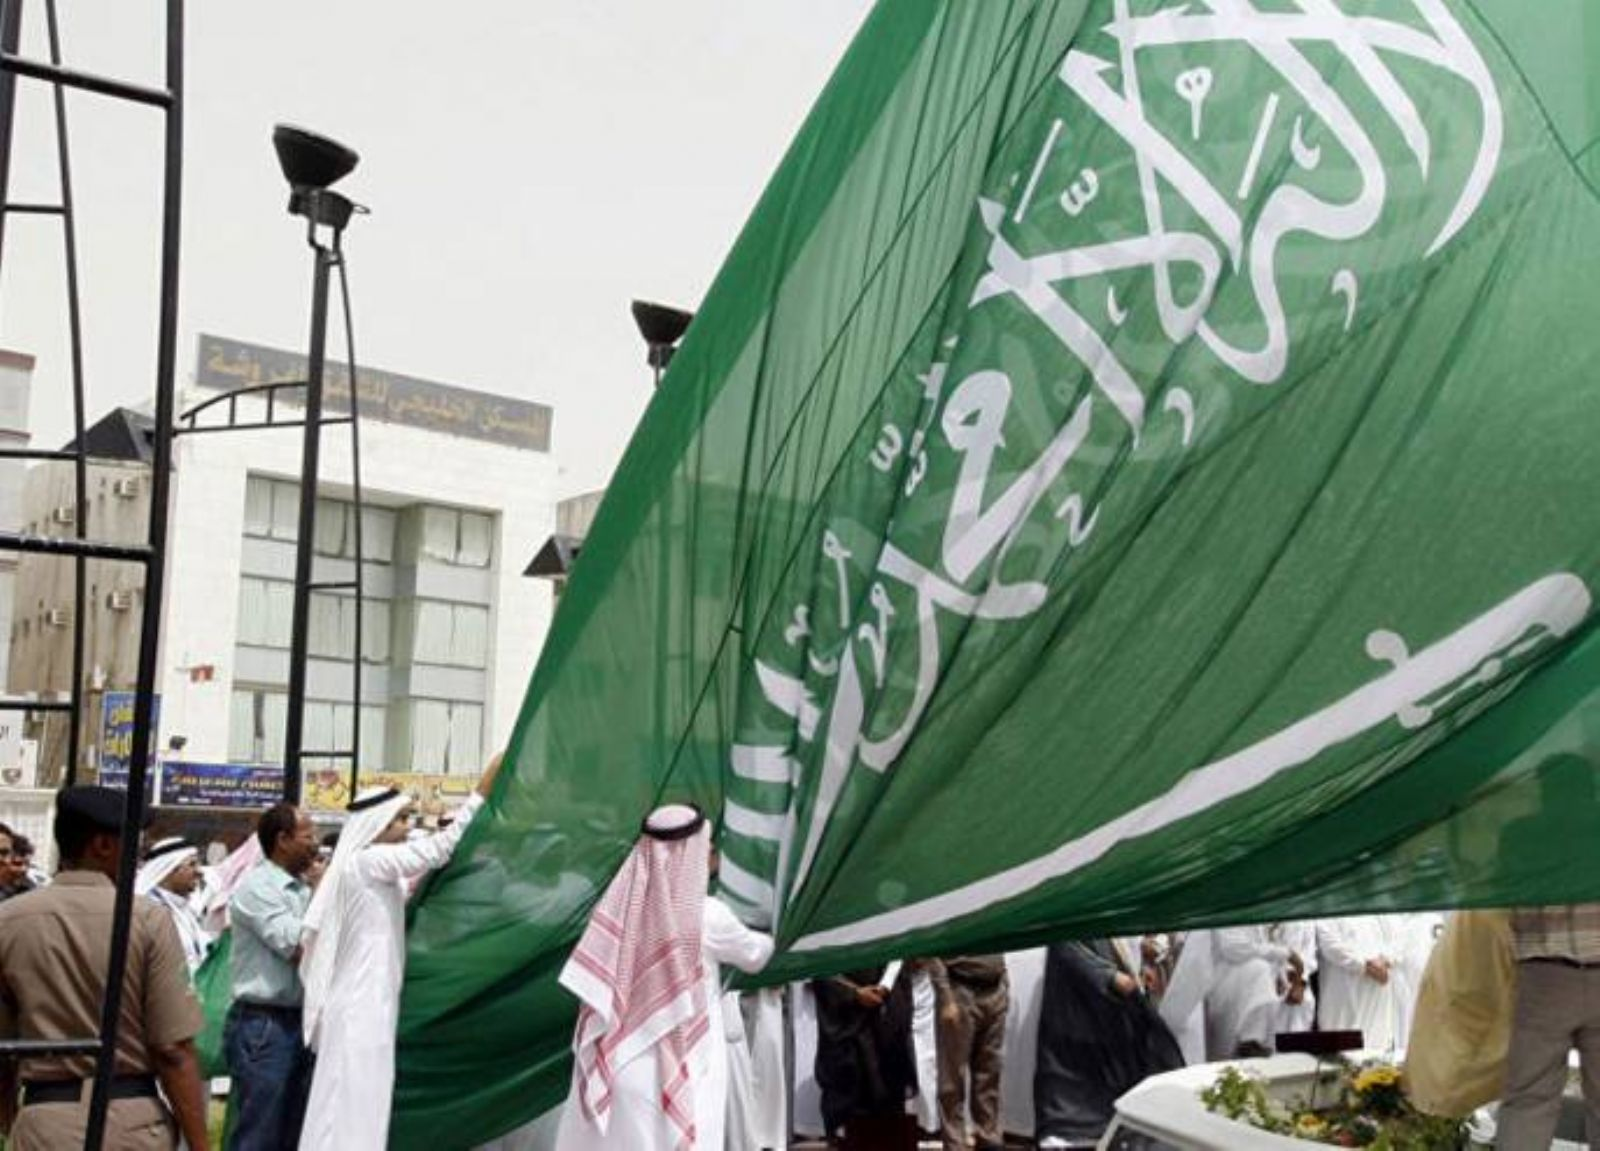 3 مسؤولين سعوديين متهمين في انتهاكات حقوق الانسان أحدهم طالب بإعدام سلمان العودة